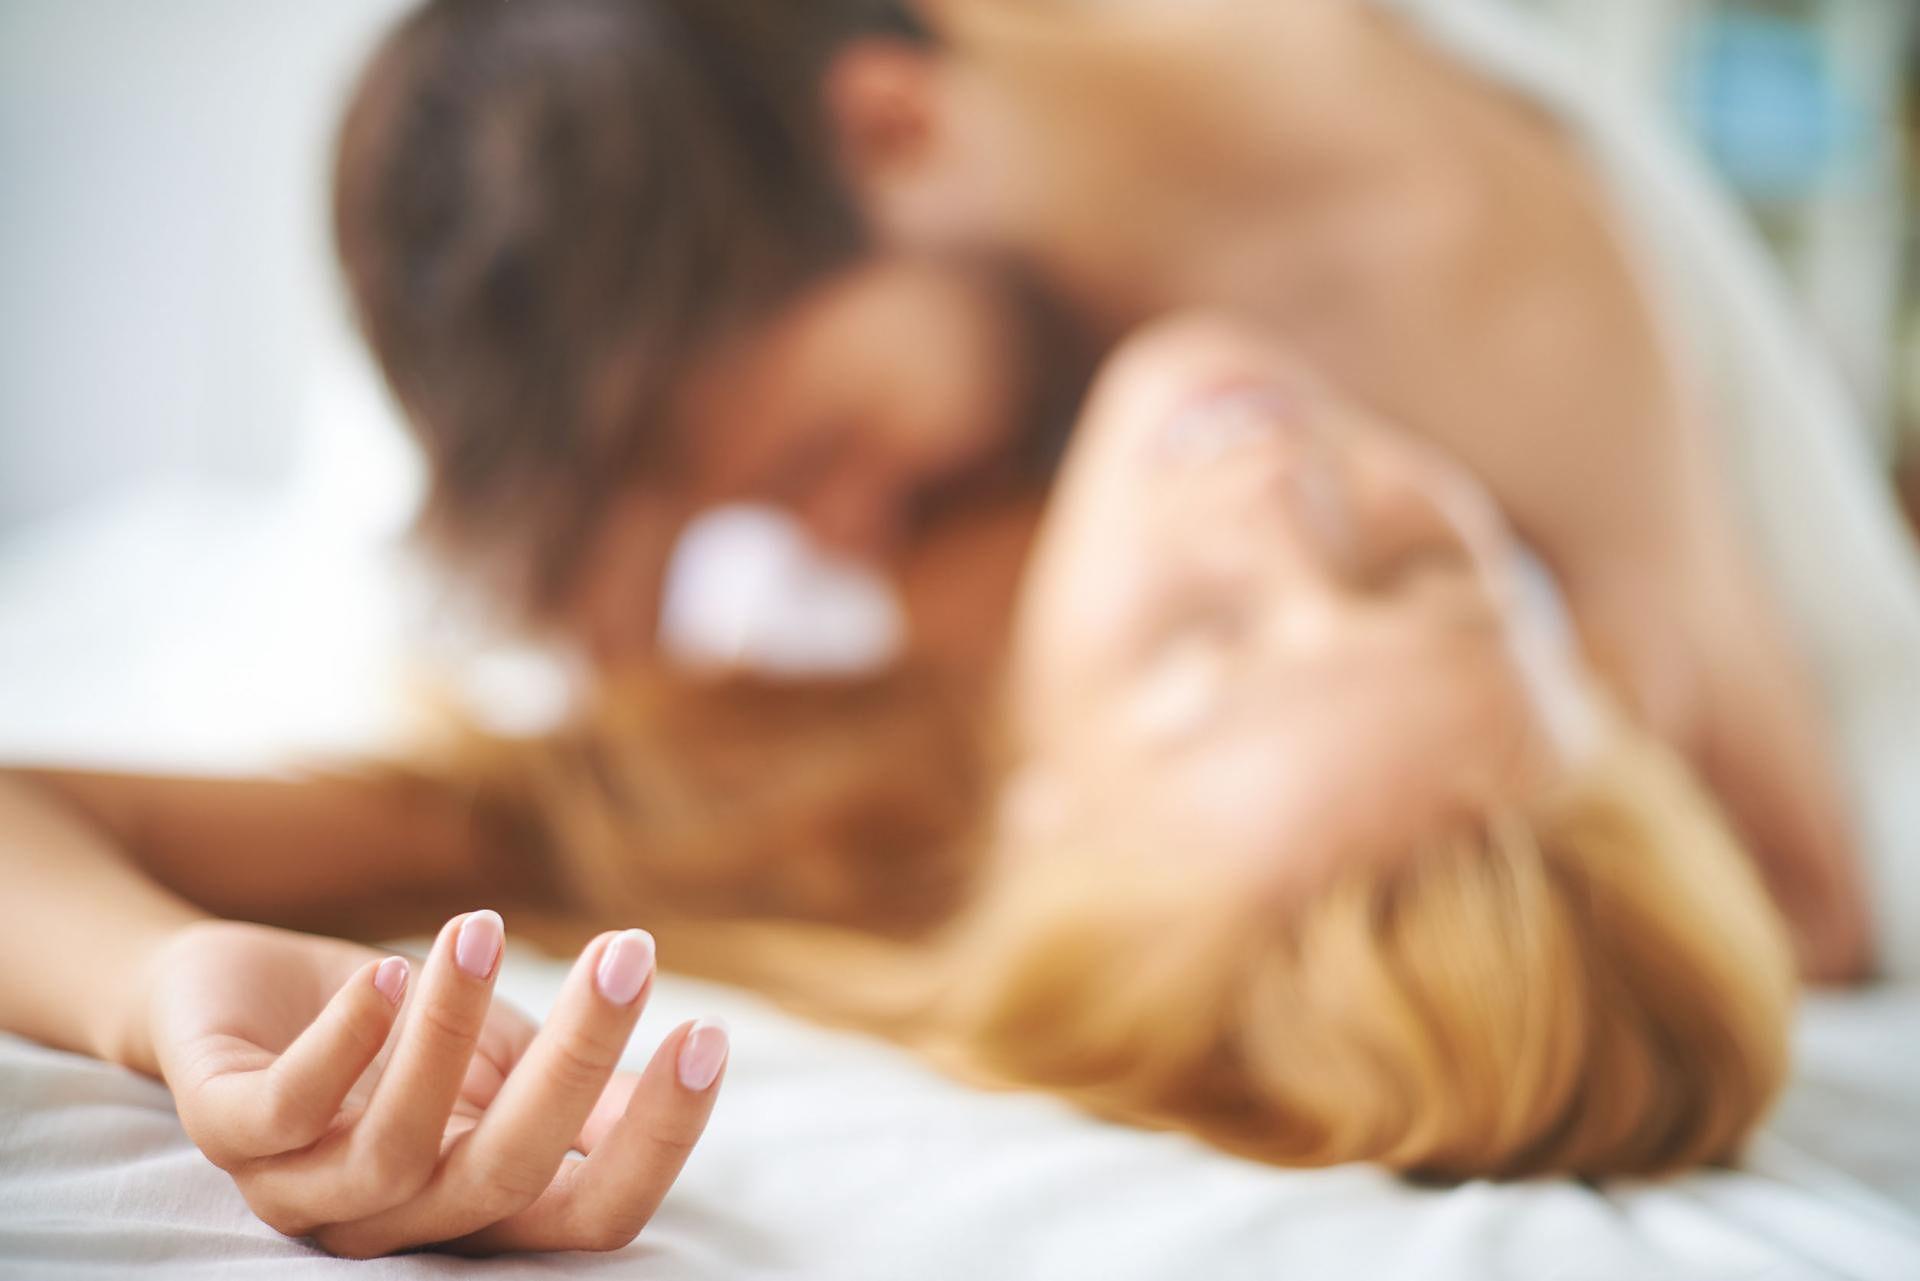 Bezpieczne Pozycje Seksualne W Ciąży Wp Parenting